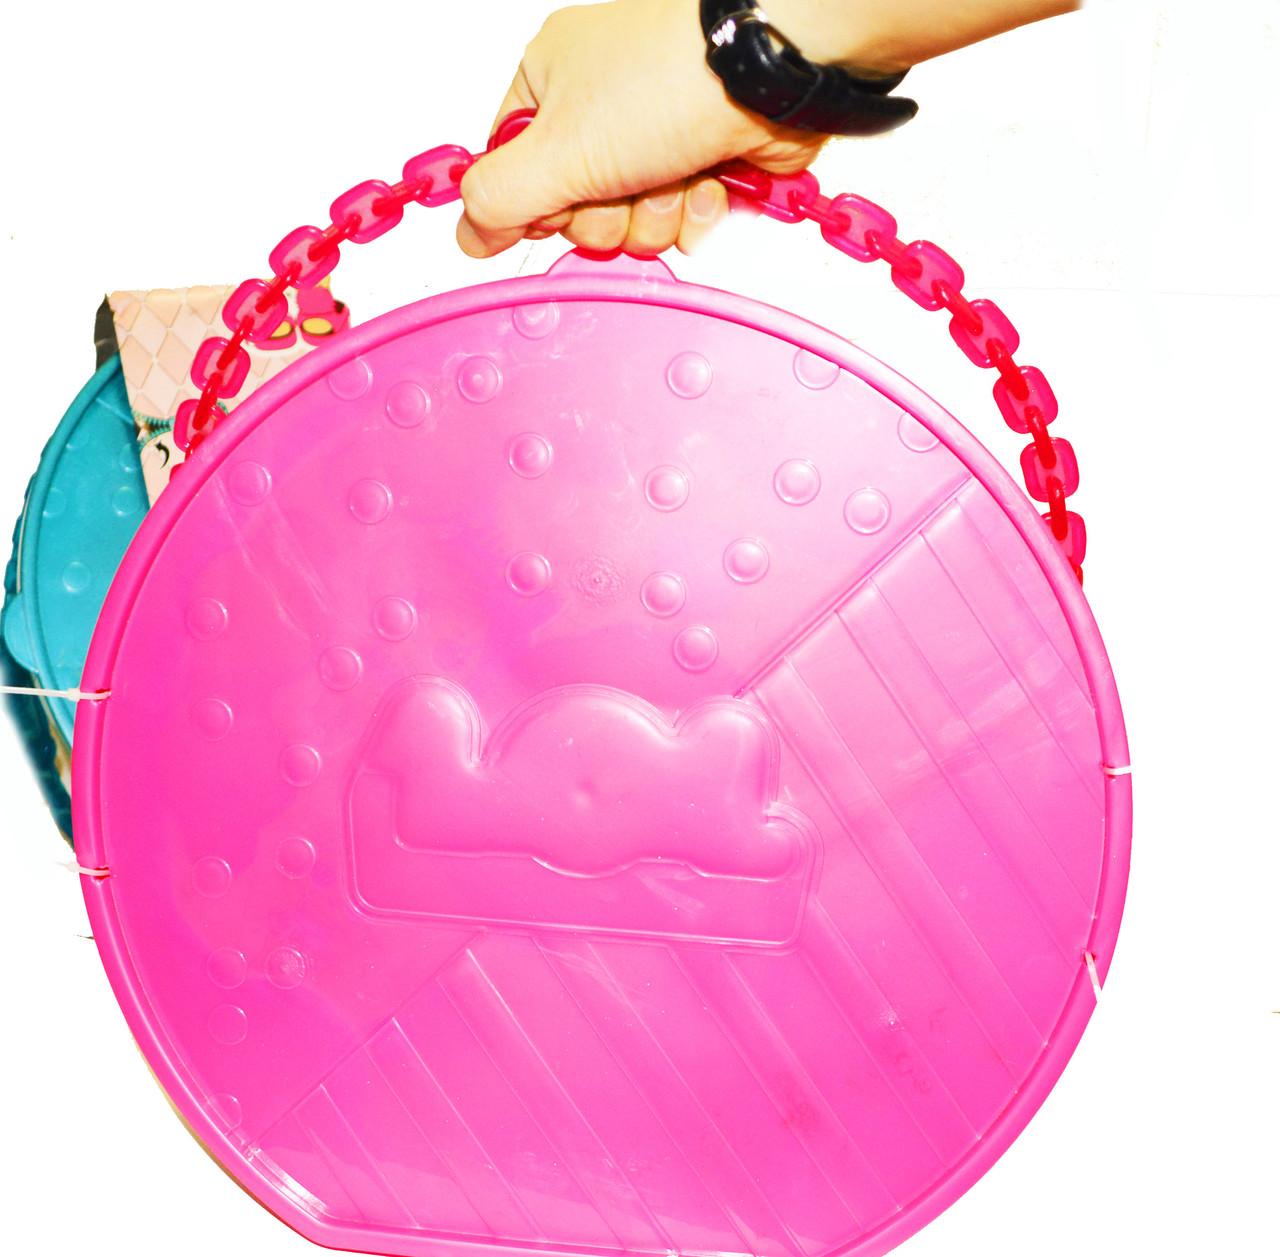 Большой шар сюрприз Big Lol Surprise кукла лол и аксессуары 45+ (series 38) в ассортименте - фото 5